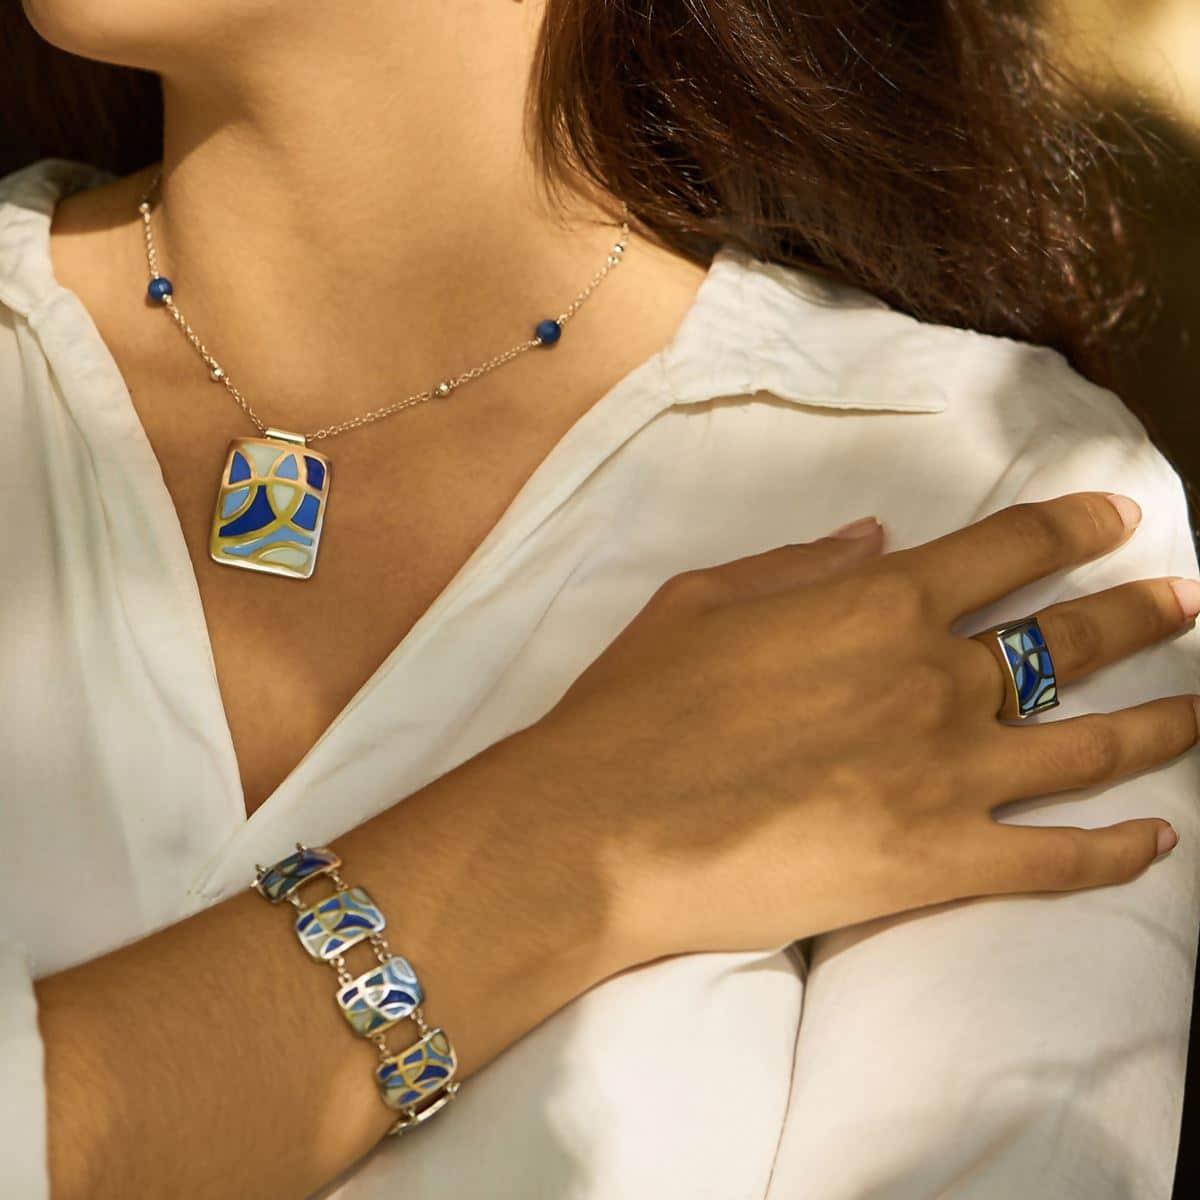 Diseño modelo Celdas, joyería de plata. Joyas Siliva